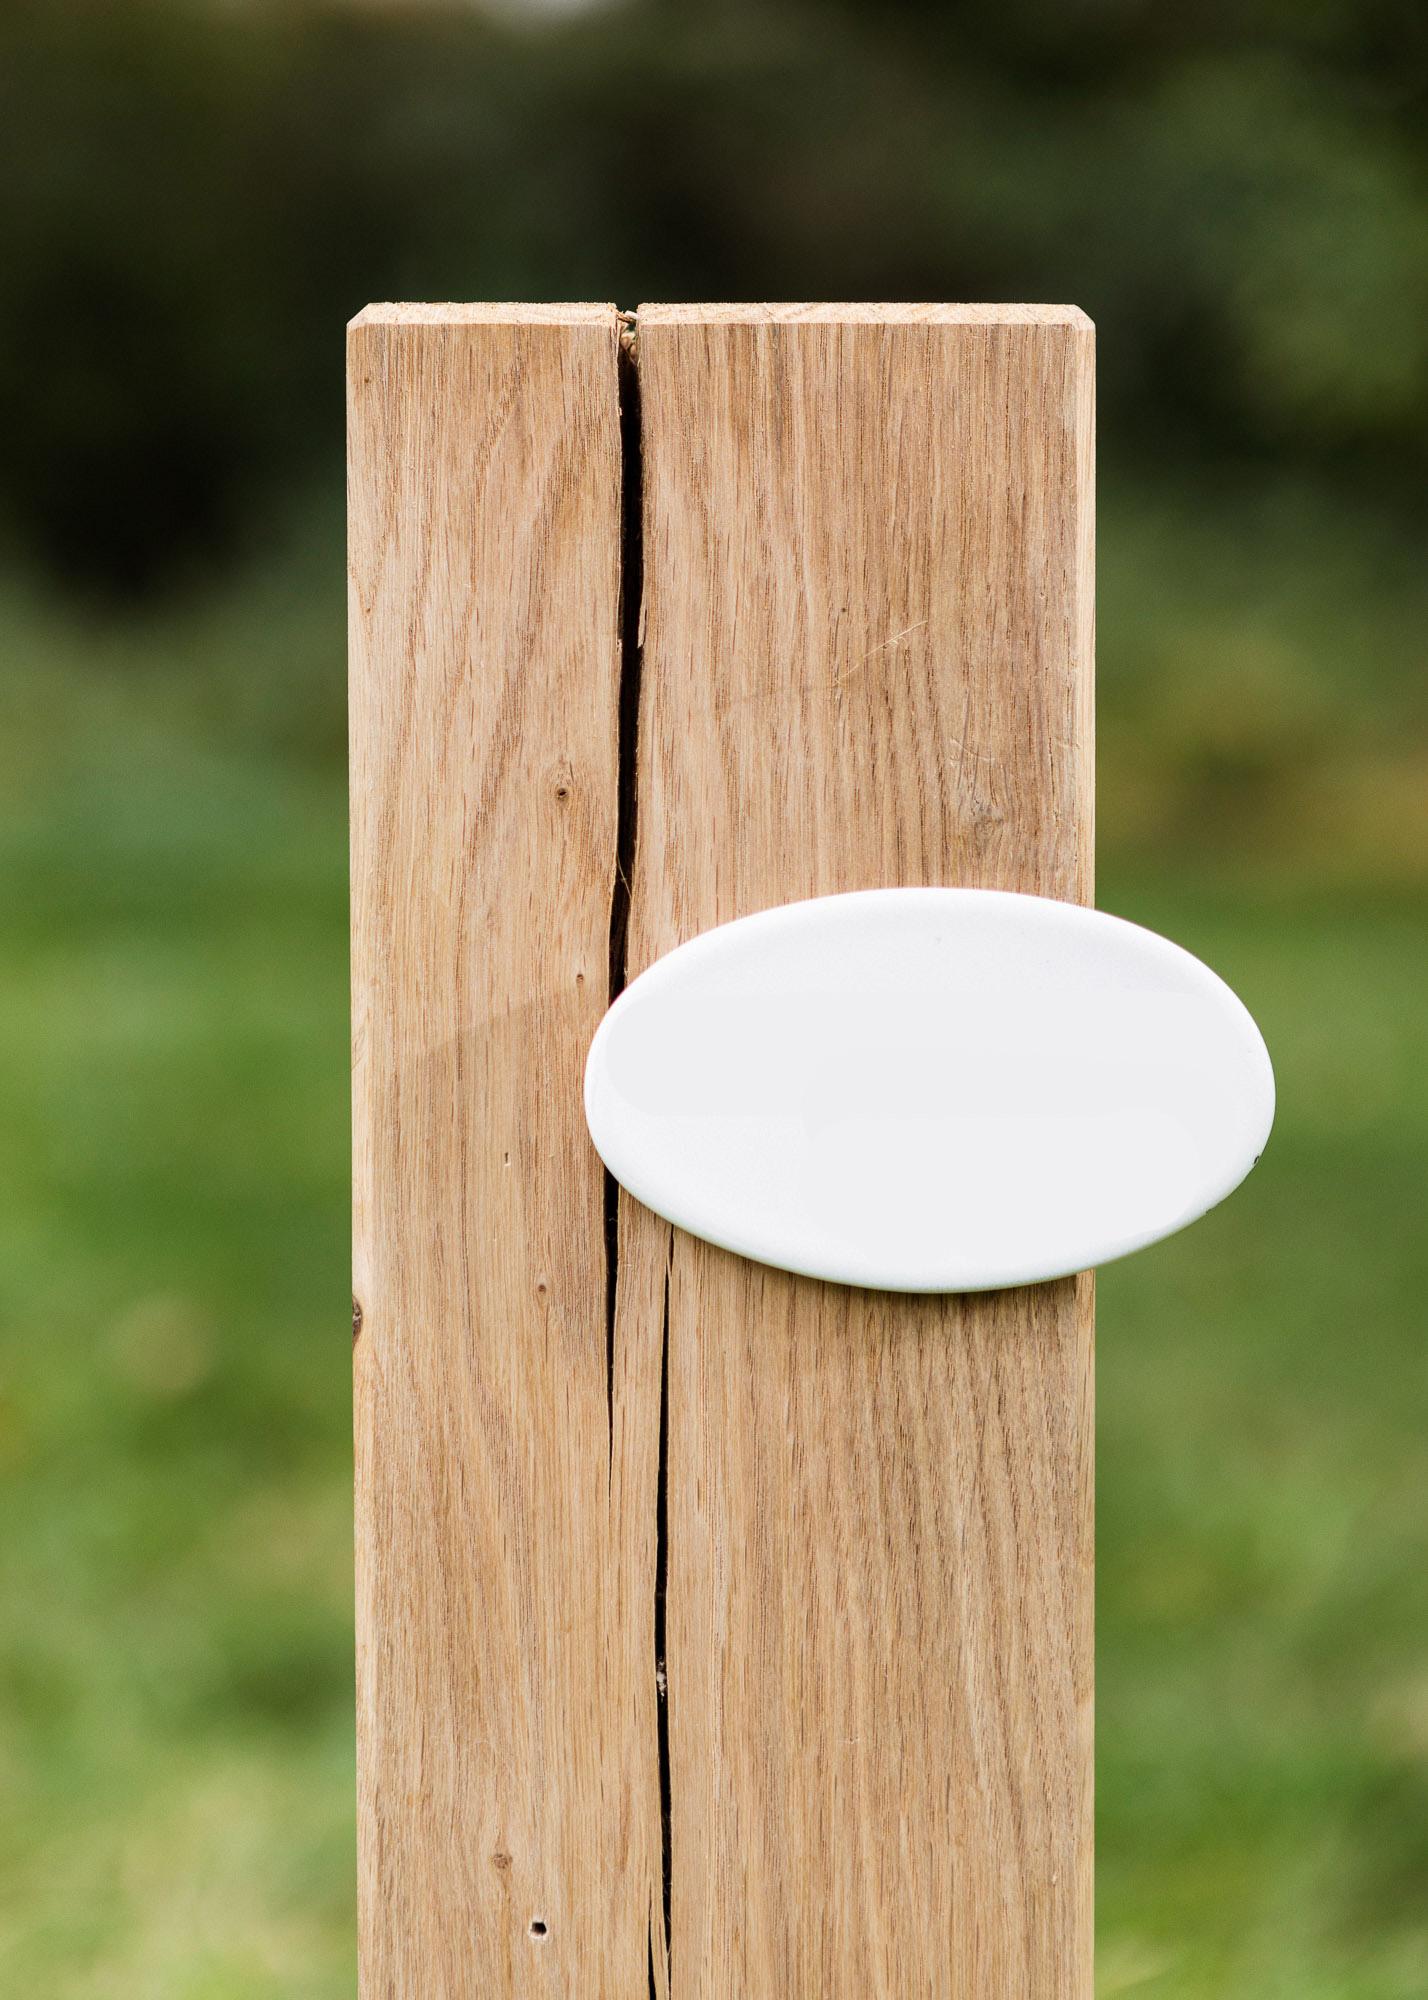 Urnengrabmal als Stele aus Holz und ovalem Emailleschild - Einzelgrab